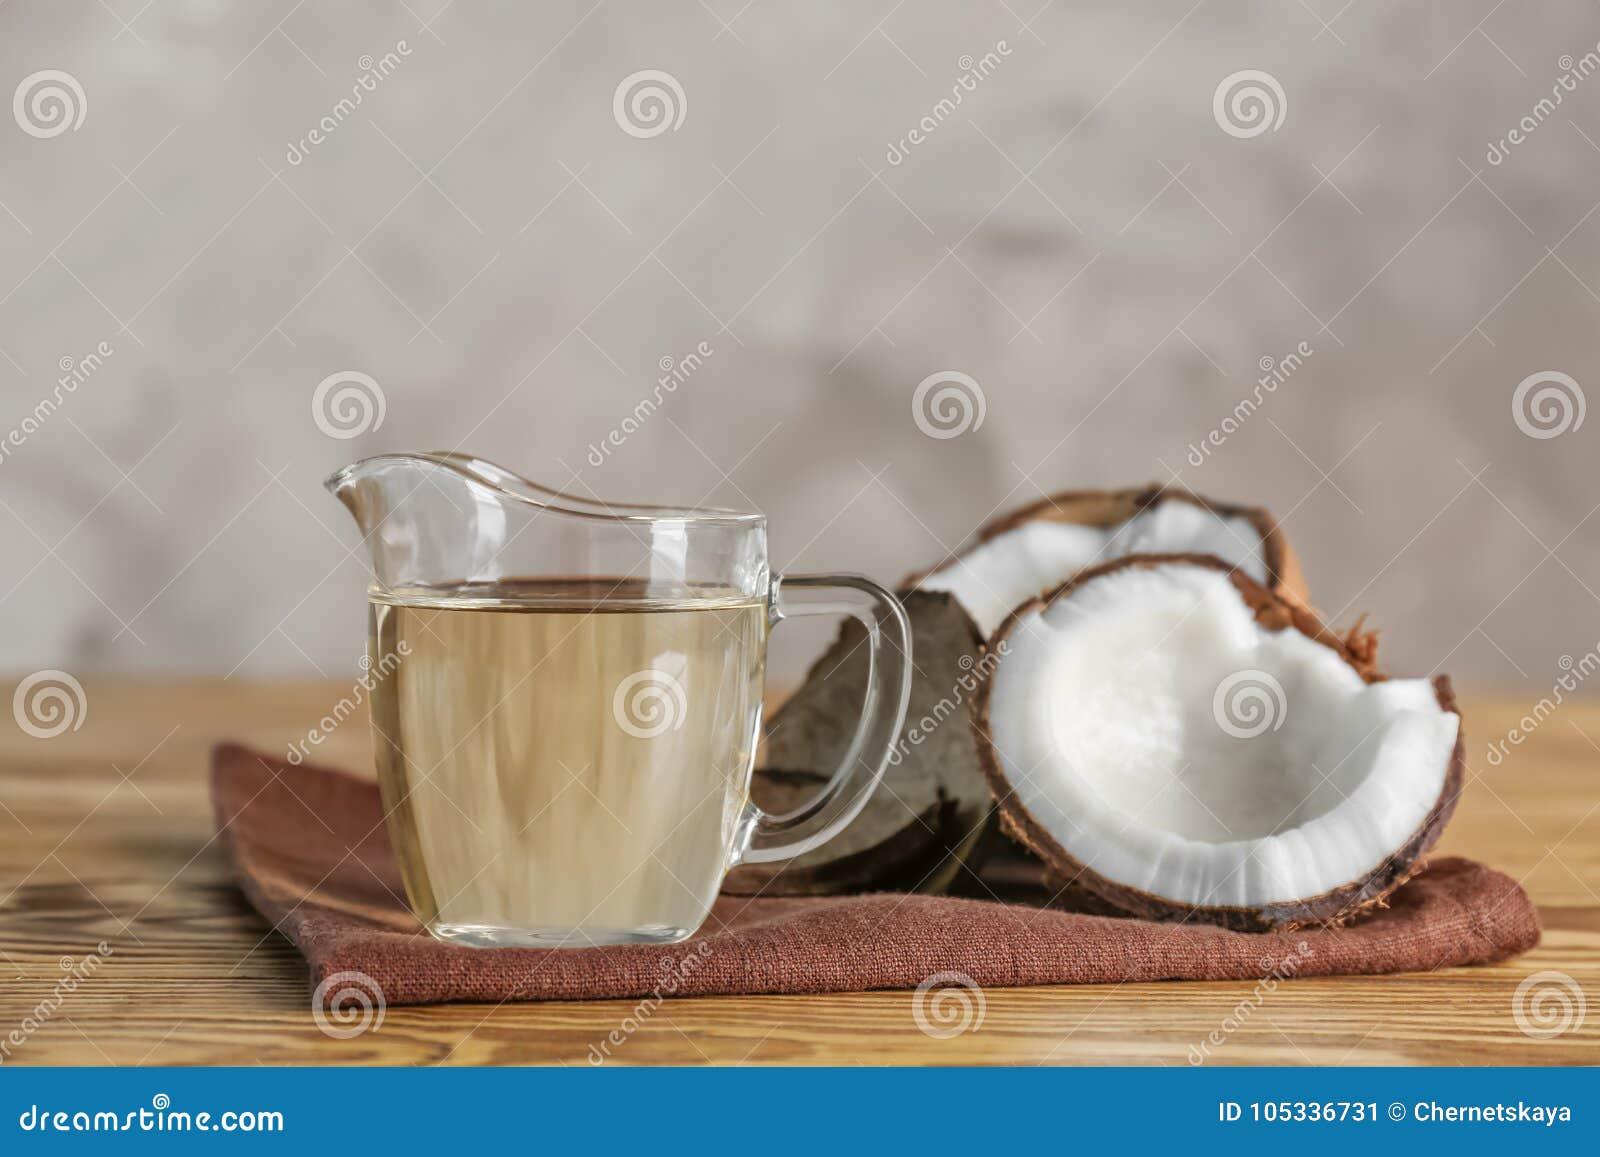 Dojrzały koks i miotacz z olejem na stole